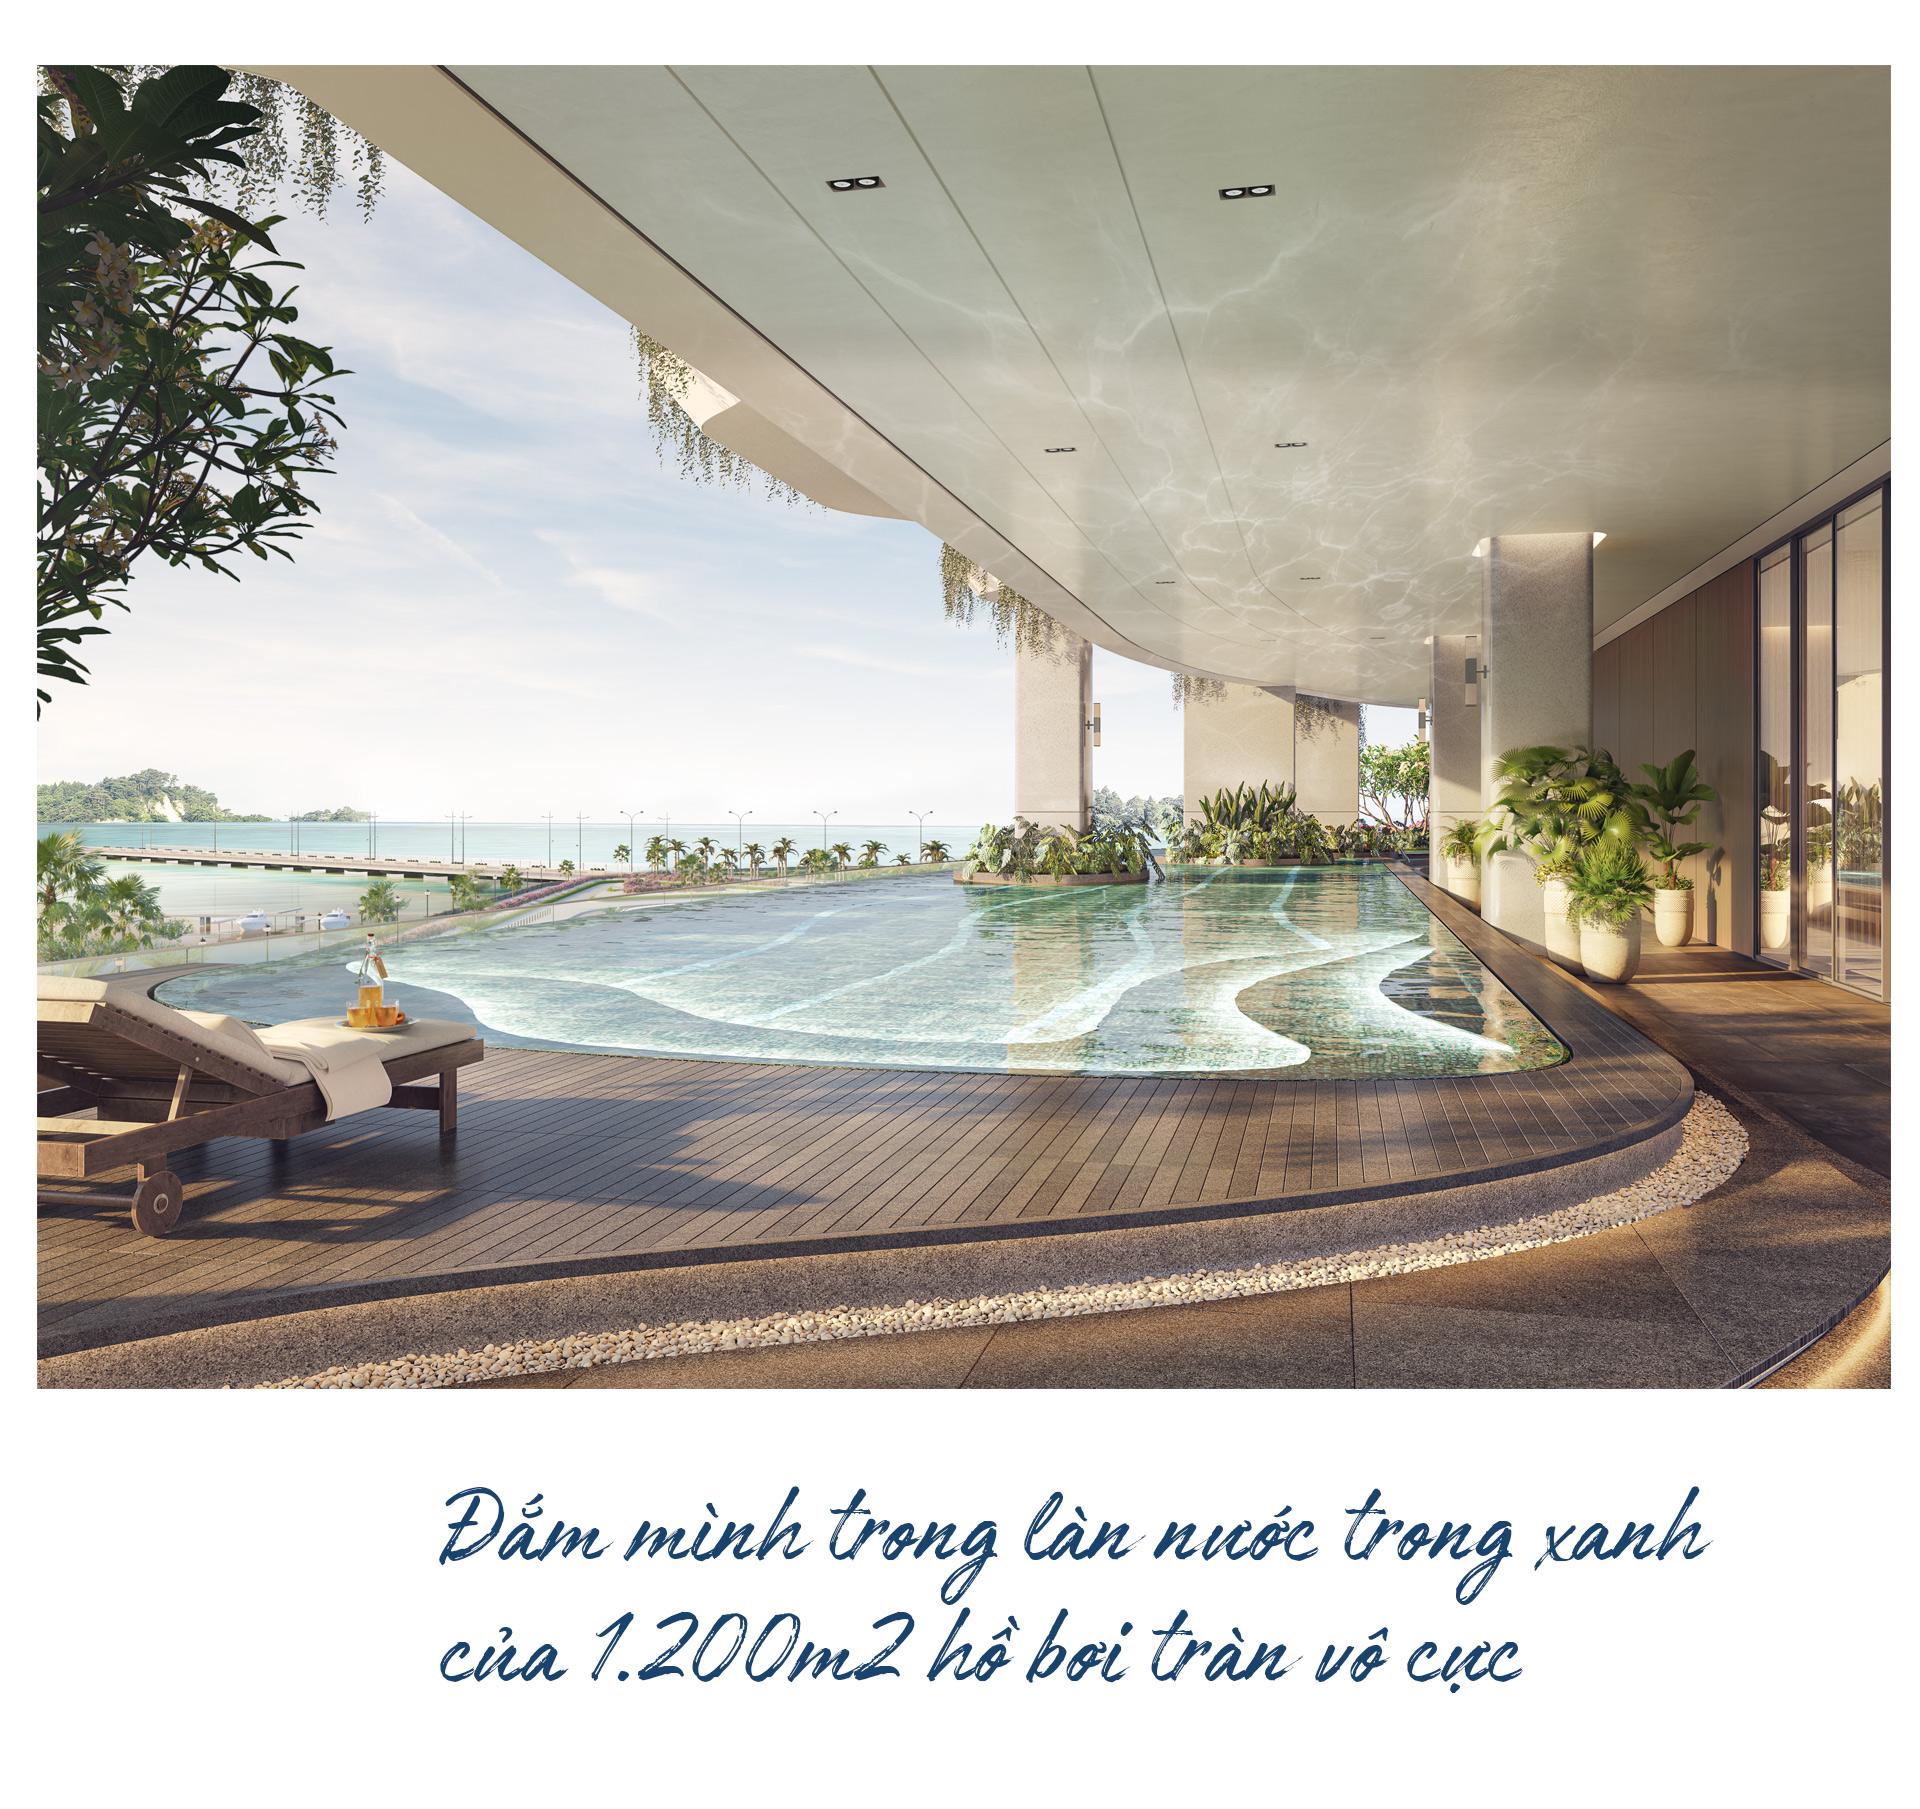 The Aston  - Tuyệt tác trên tuyến đường triệu đô nơi phố biển, khơi nguồn chất sống đỉnh cao - 11